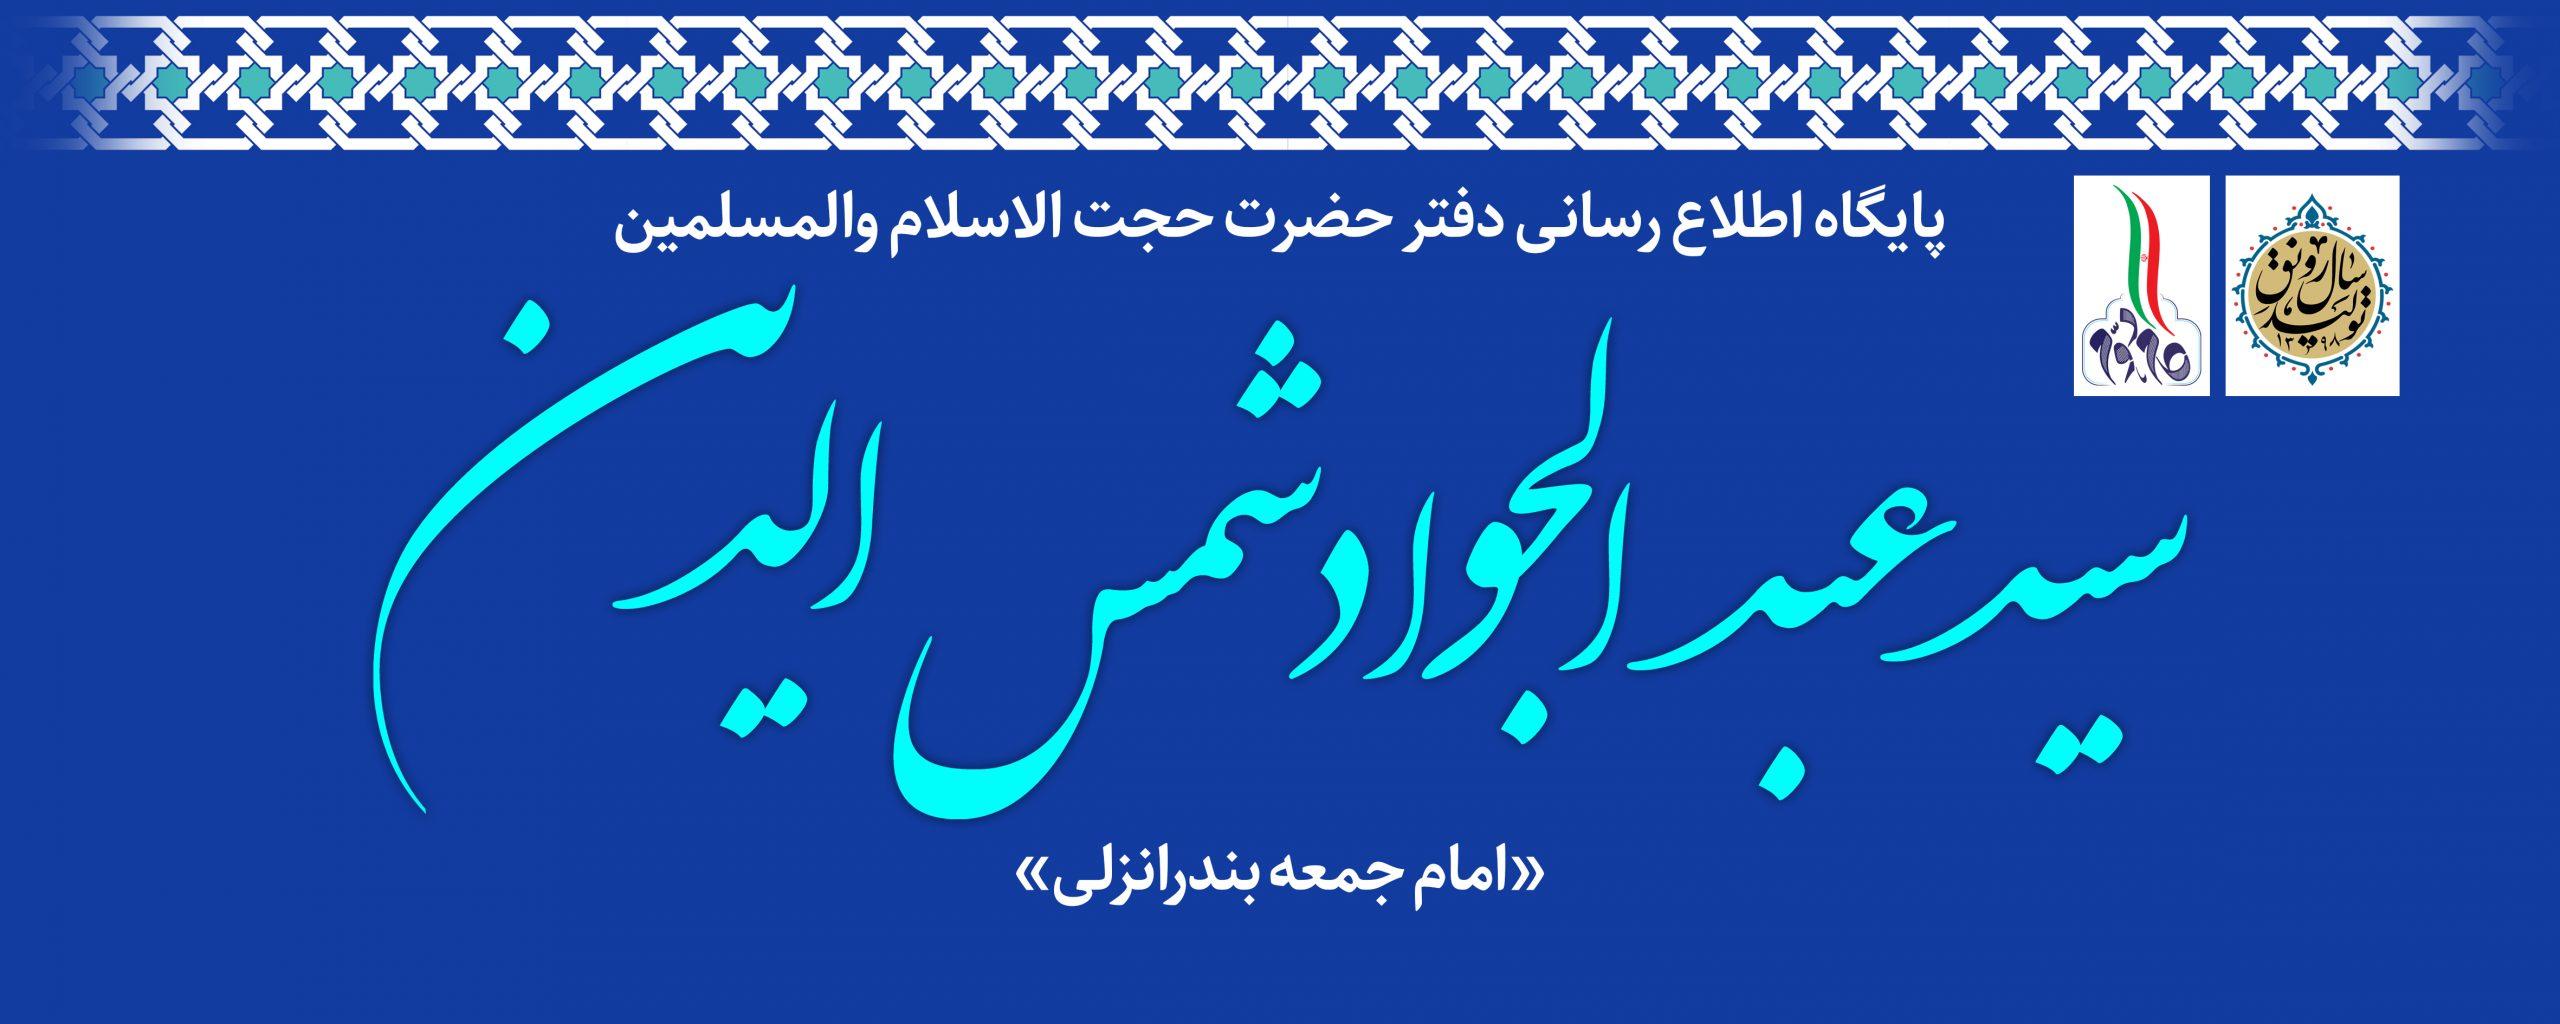 پایگاه اطلاع رسانی دفتر حضرت حجت الاسلام و المسلمین سید عبدالجواد شمس الدین